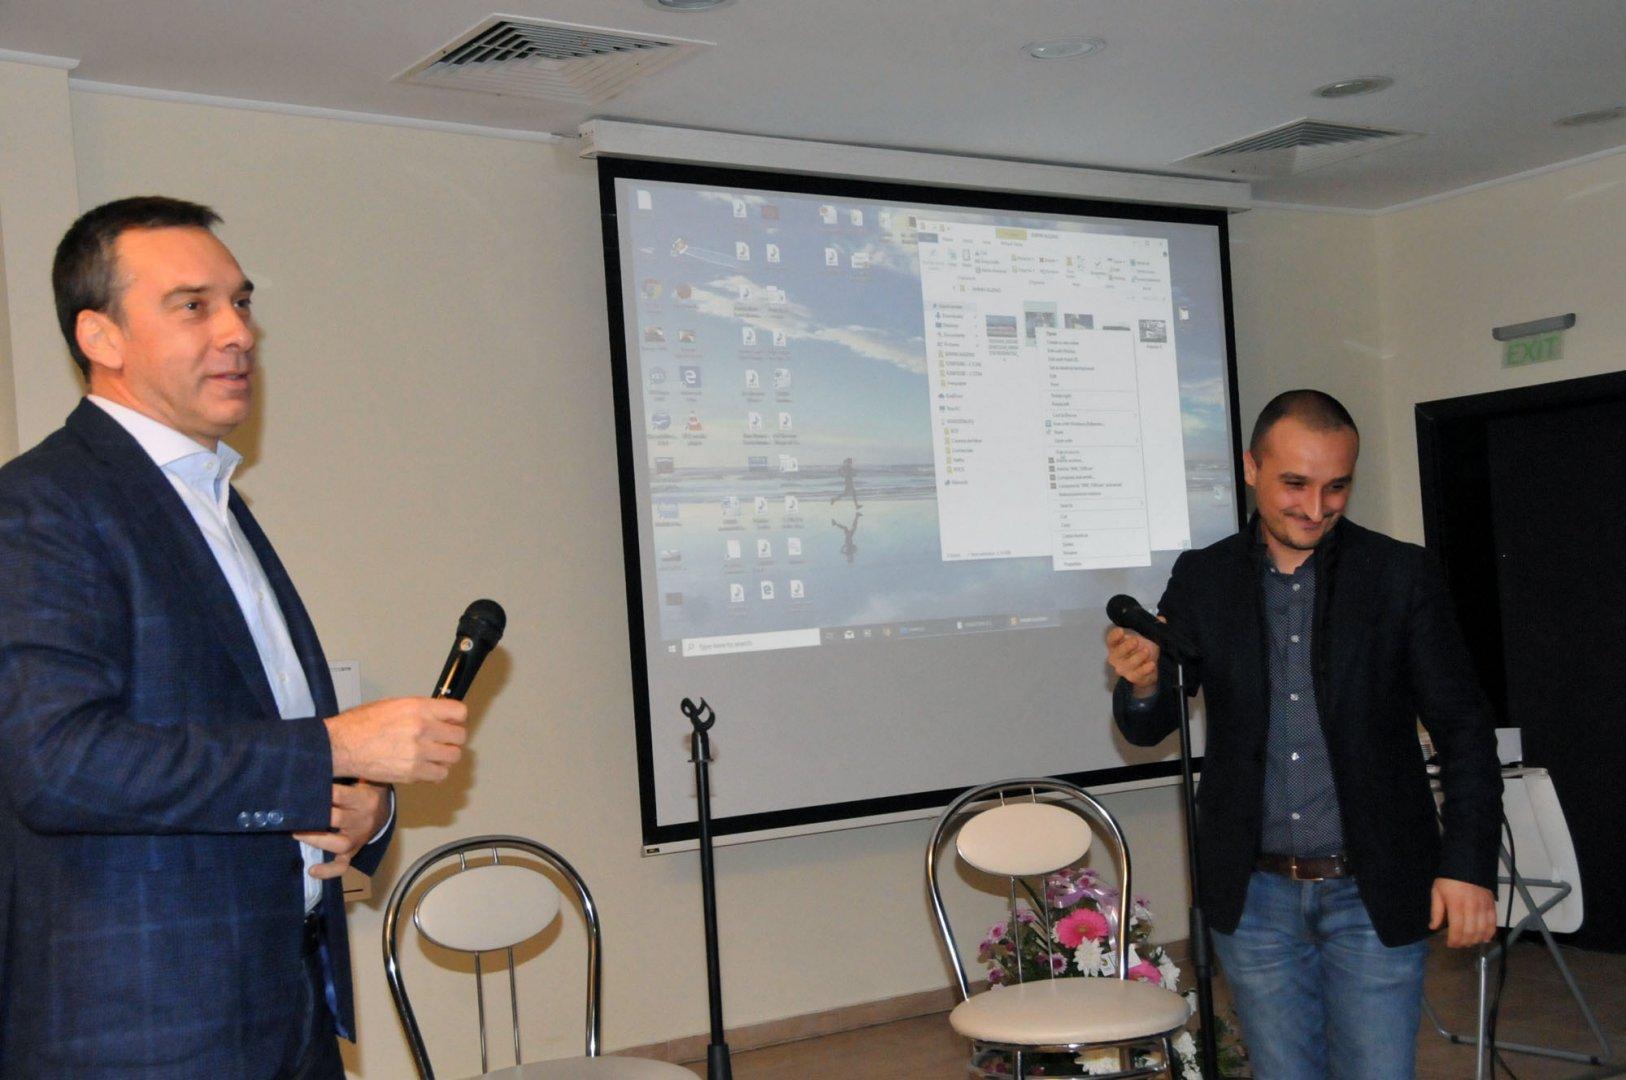 Кметът Димитър Николов благодари на продуцента Николай Урумов за създаването на филма Петя на моята Петя. Снимки Лина Главинова